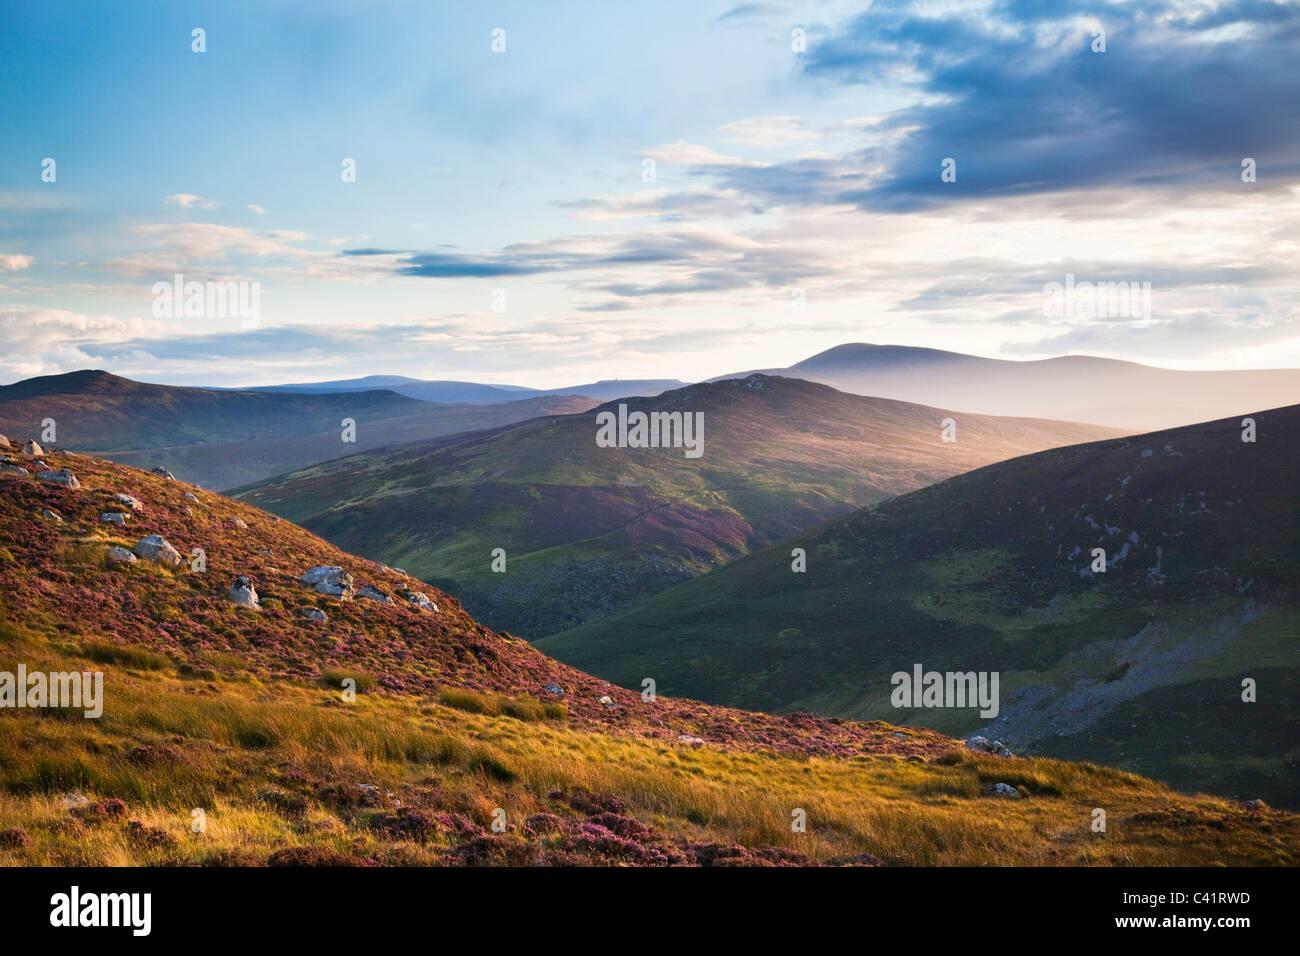 Soirée dans les montagnes de Wicklow, comté de Wicklow, en Irlande. Photo Stock